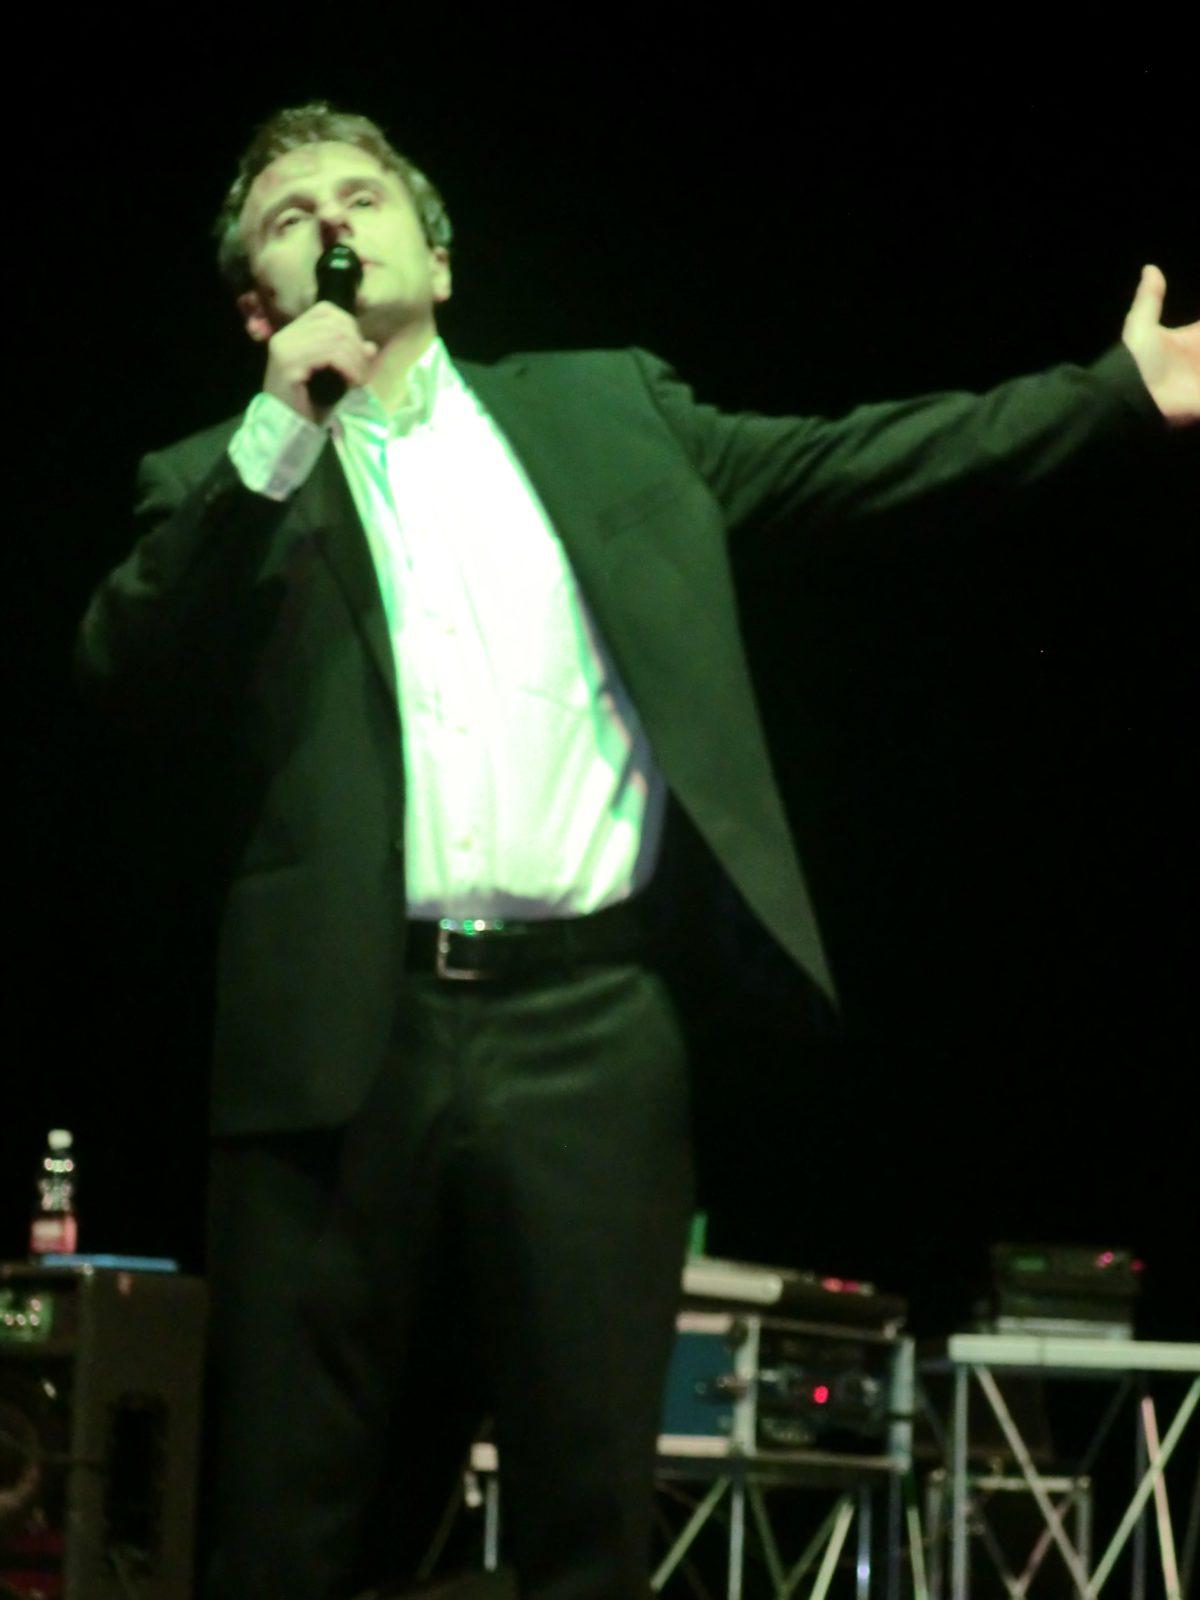 Gianni Morandi Musica e Spettacolo 2